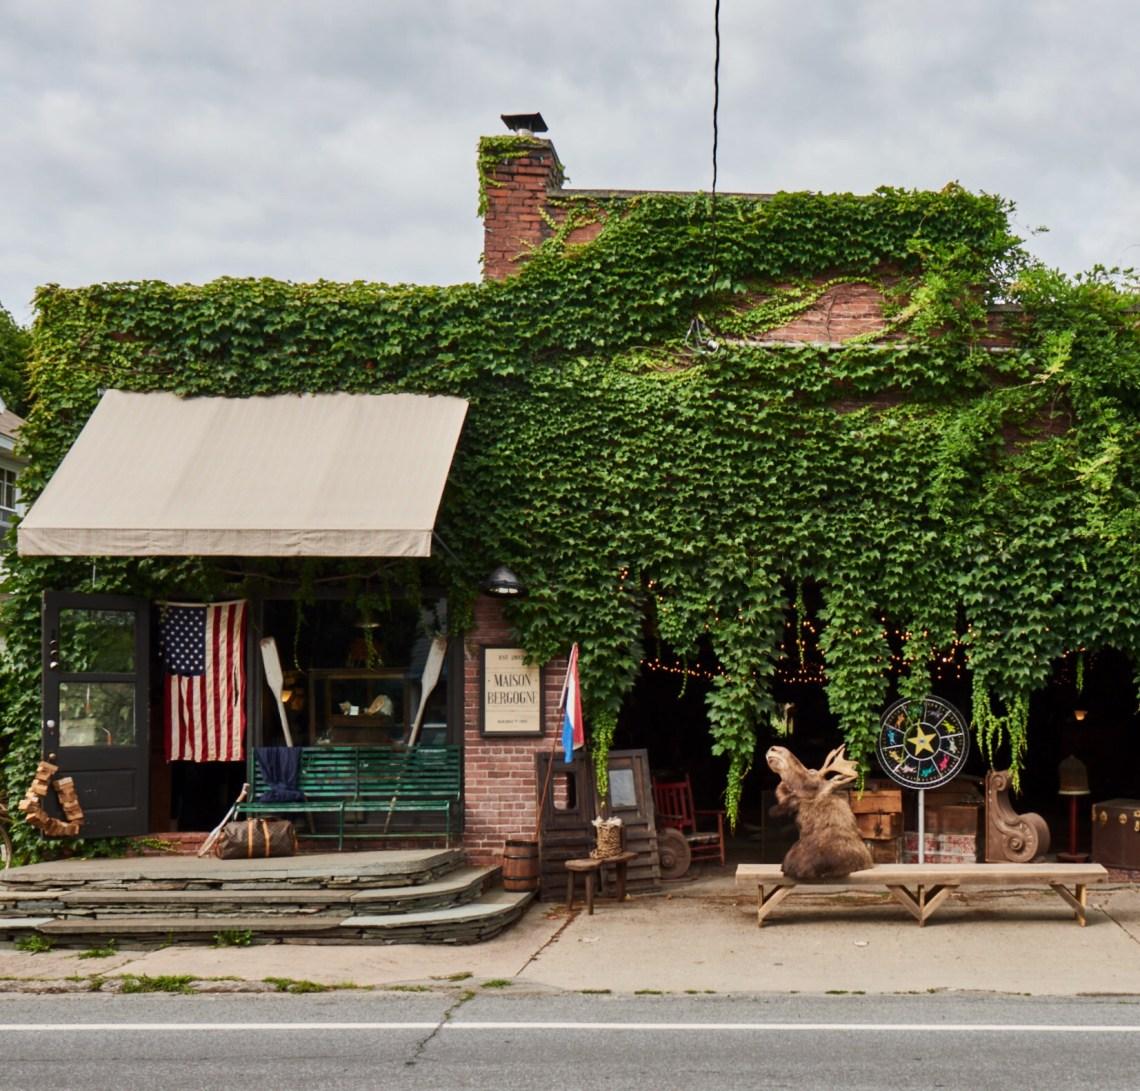 Narrowsburg, NY